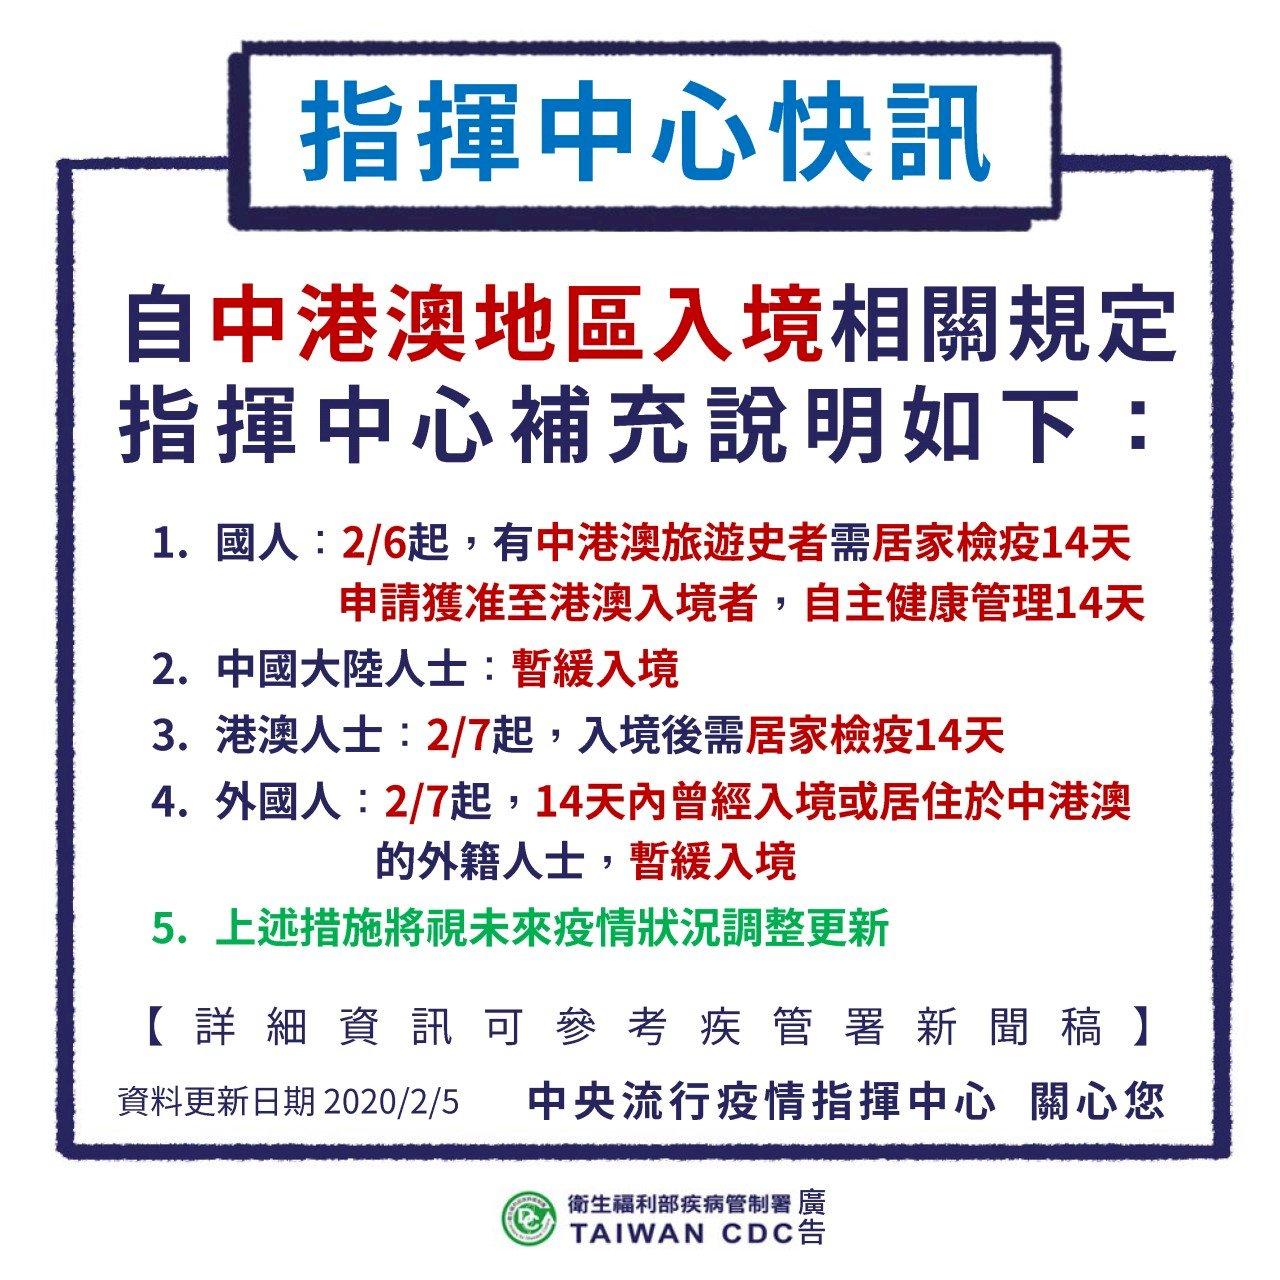 明起中國人士暫緩入境 港澳人士7日起入境需居家檢疫14天